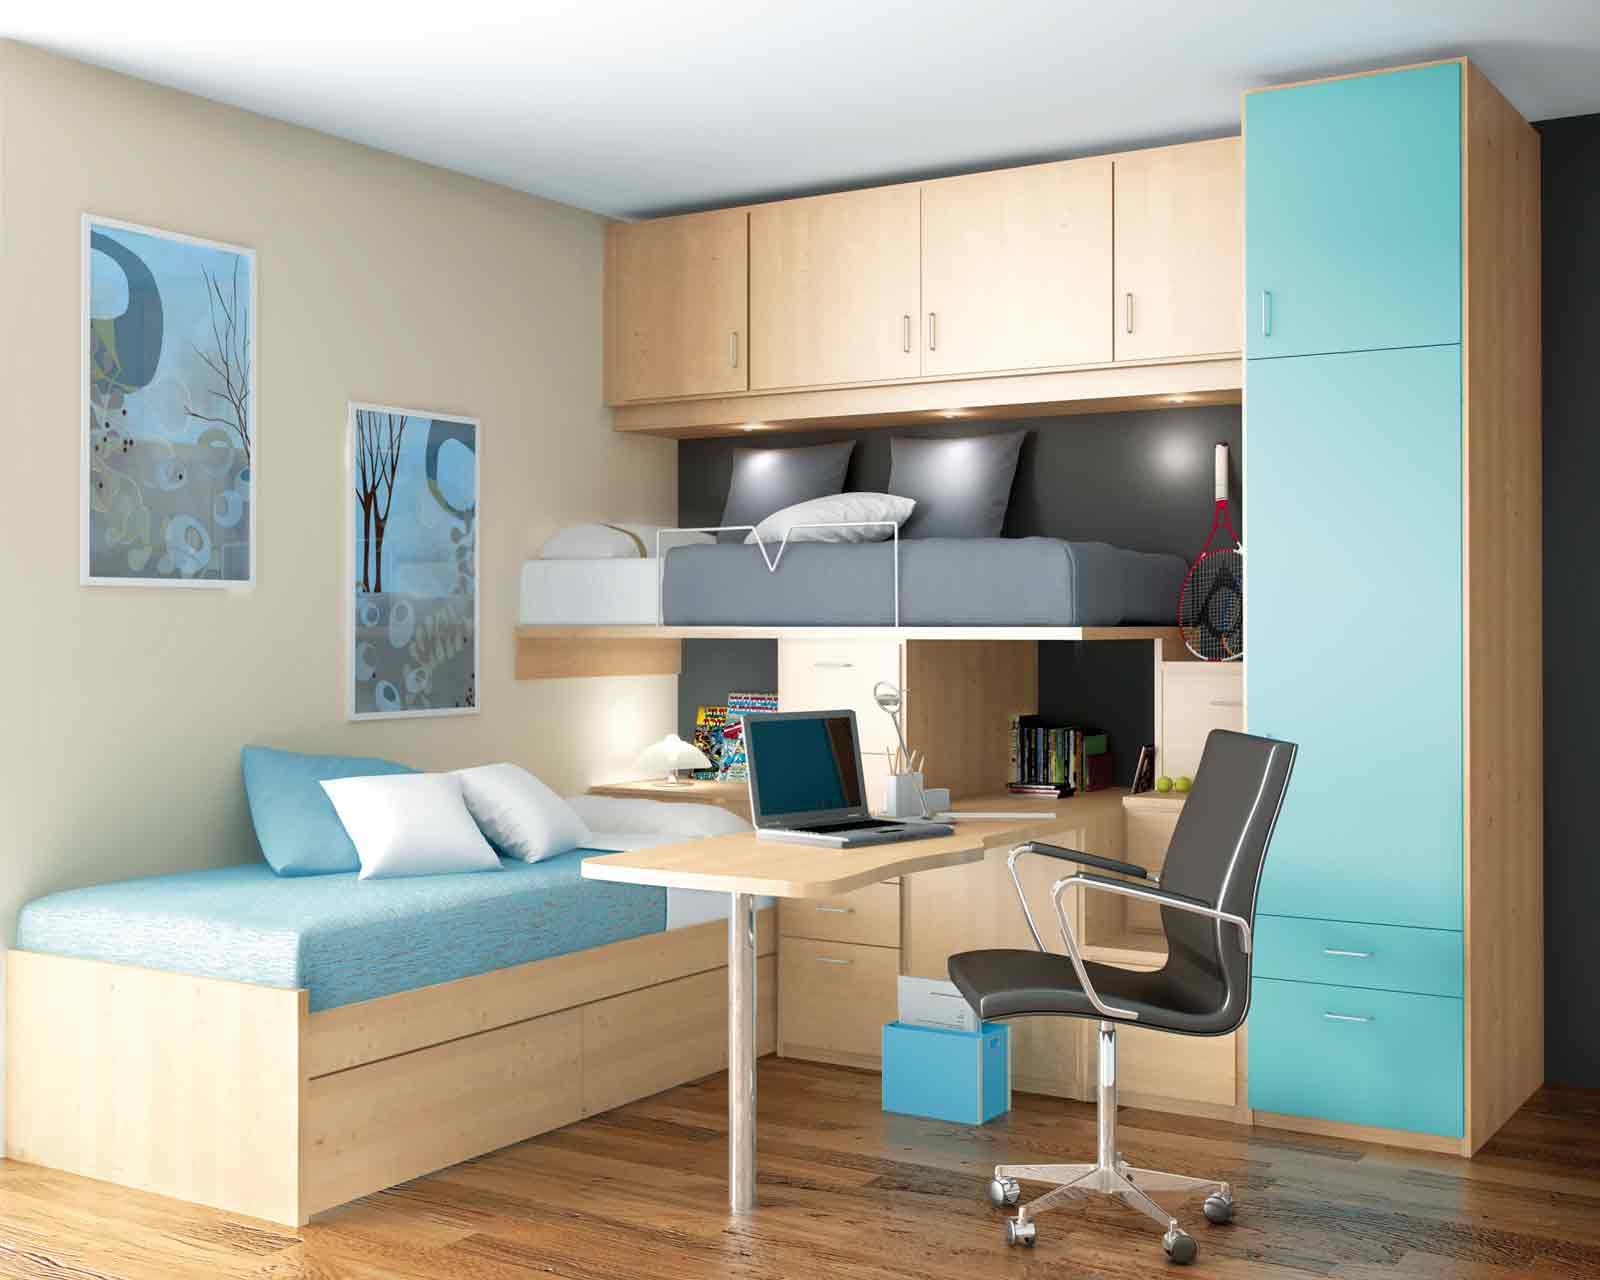 Muebles De Habitacion Irdz Habitaciones Y Dormitorios Infantiles Y Juveniles Facil Mobel